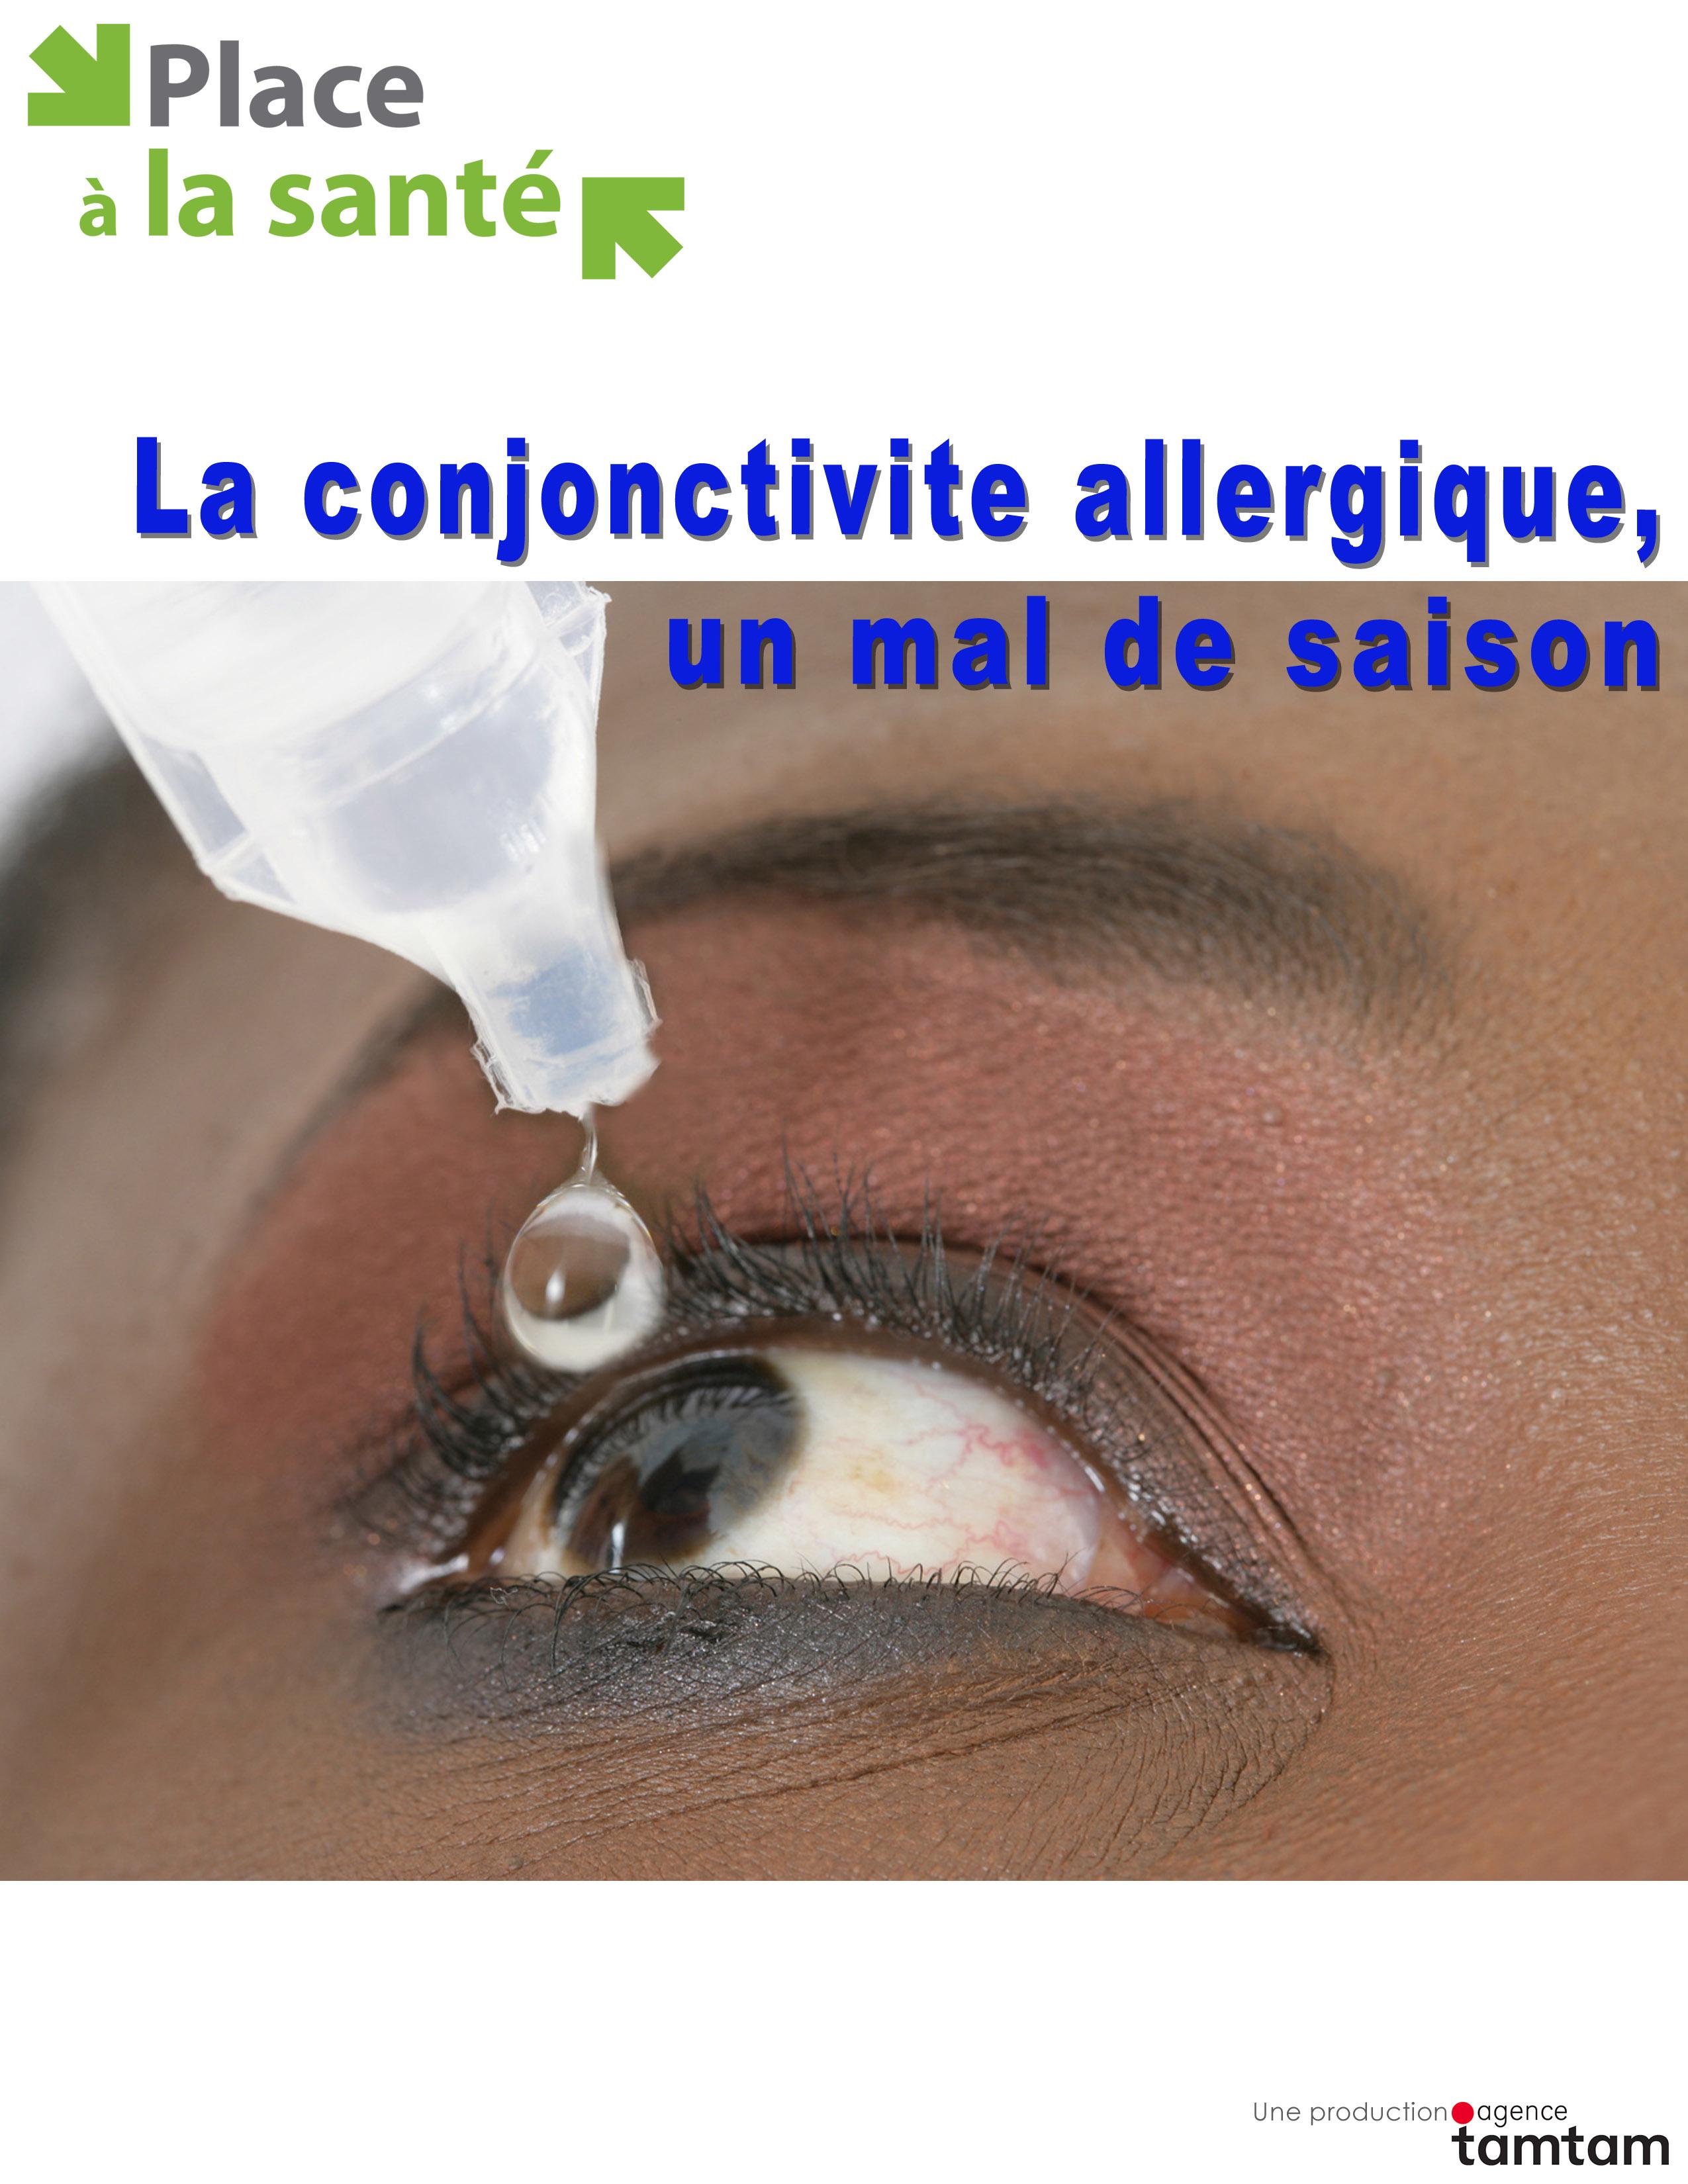 La conjonctivite allergique un mal de saison